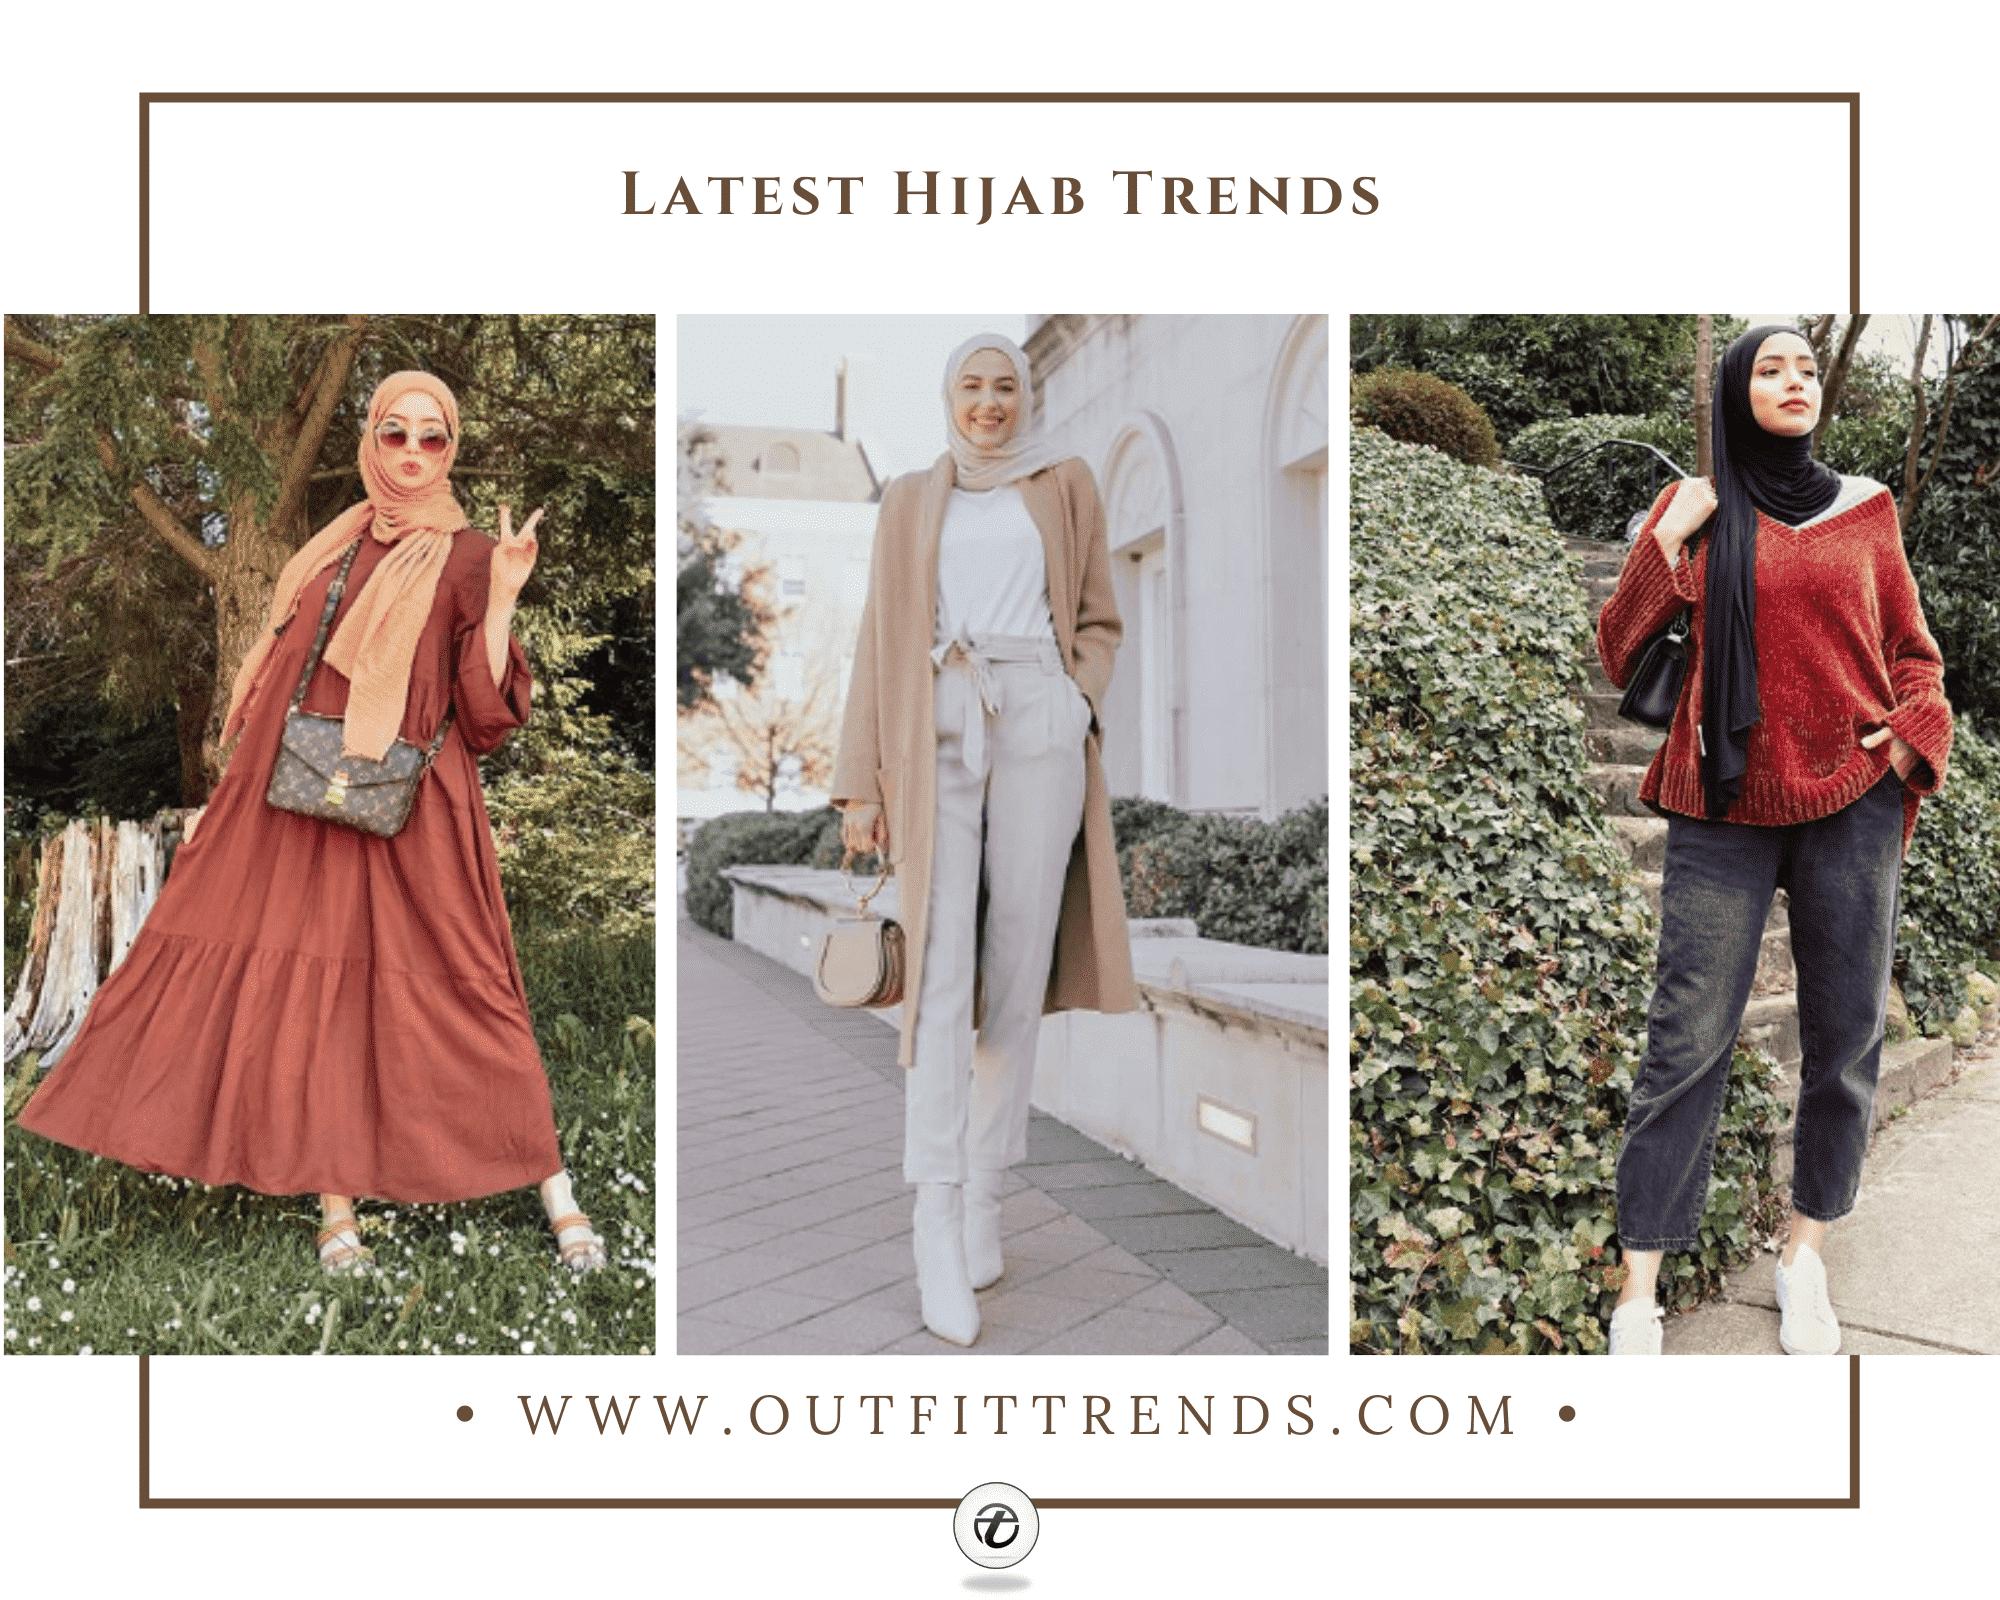 How to Wear Hijab Fashionably 25 Modern Ways to Wear Hijab